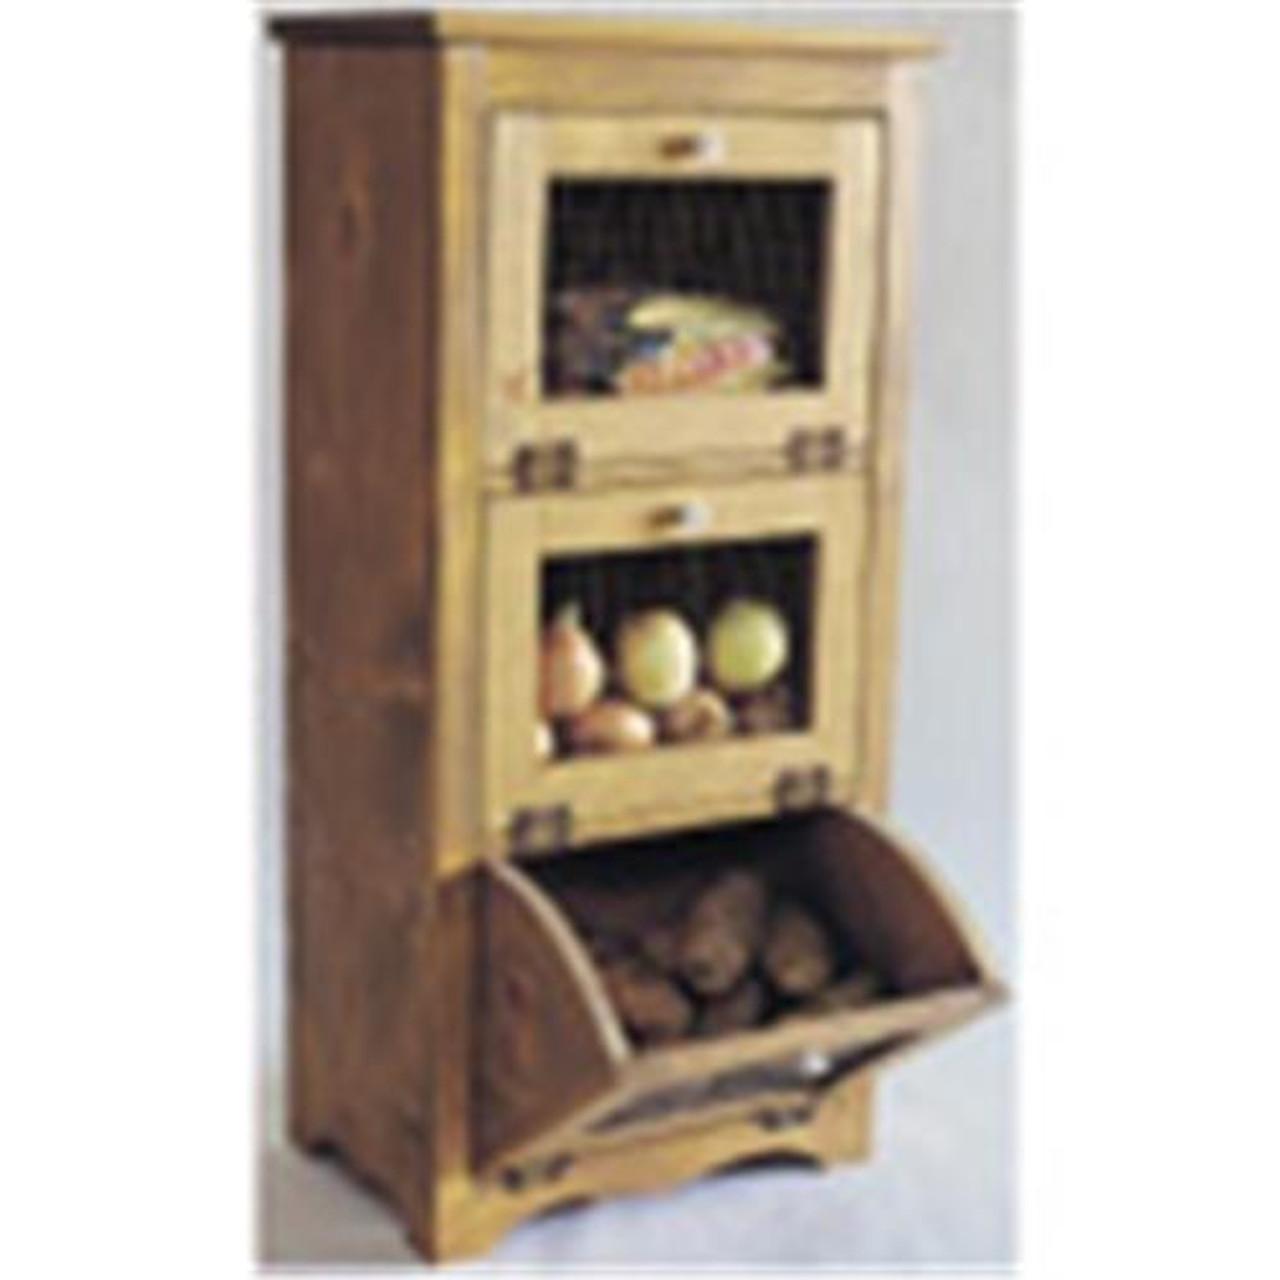 U-Bild Storage Cabinet Plan